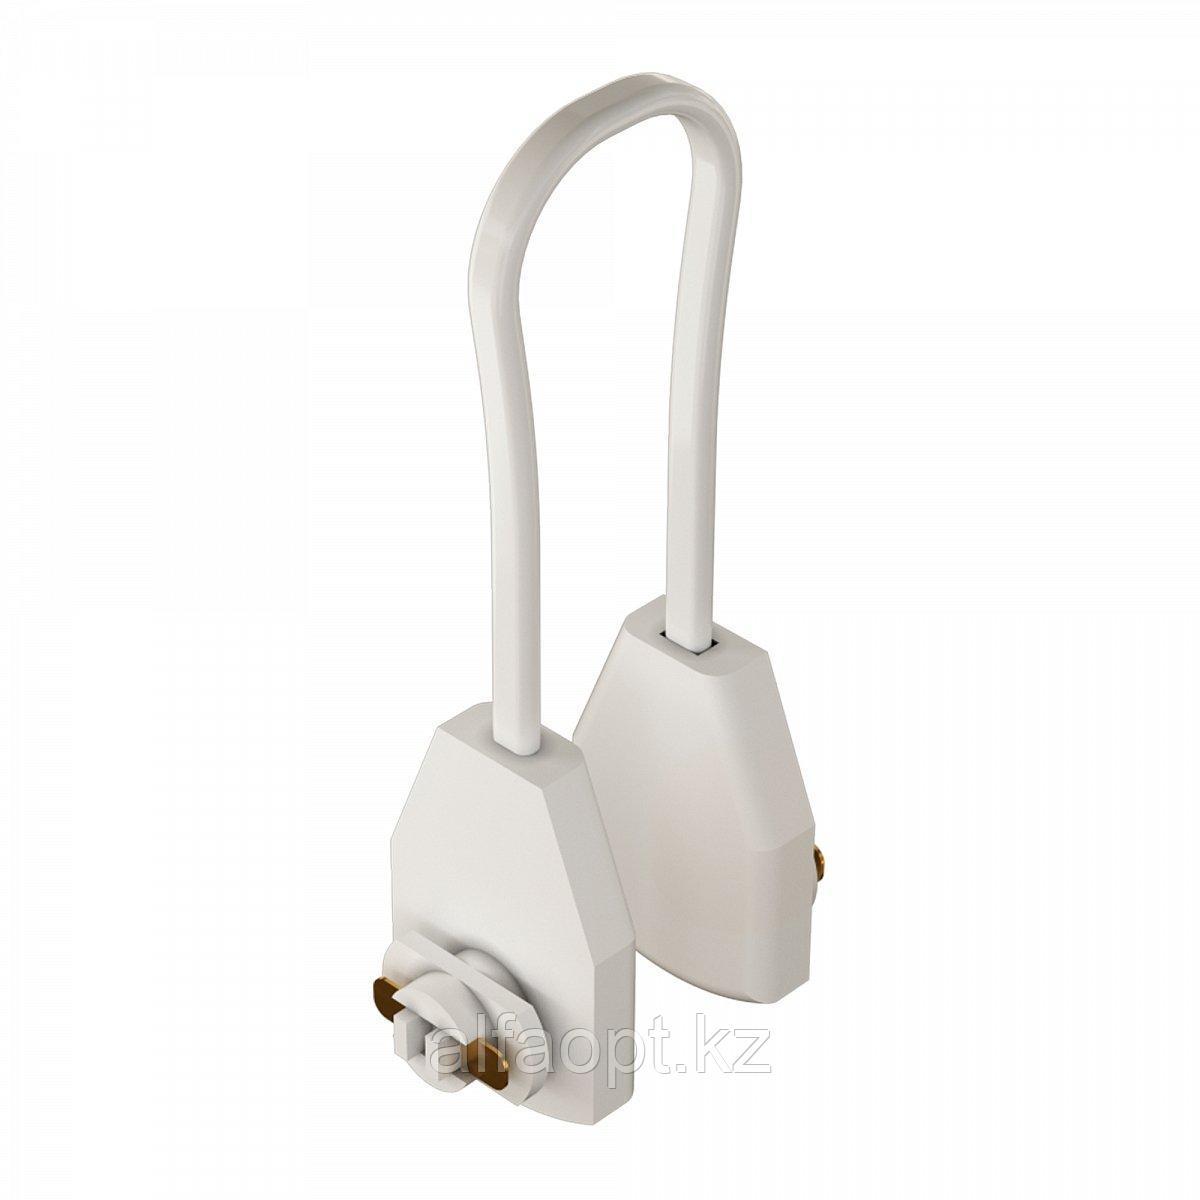 Соединитель гибкий кабельный Geniled для однофазного шинопровода (Белый)